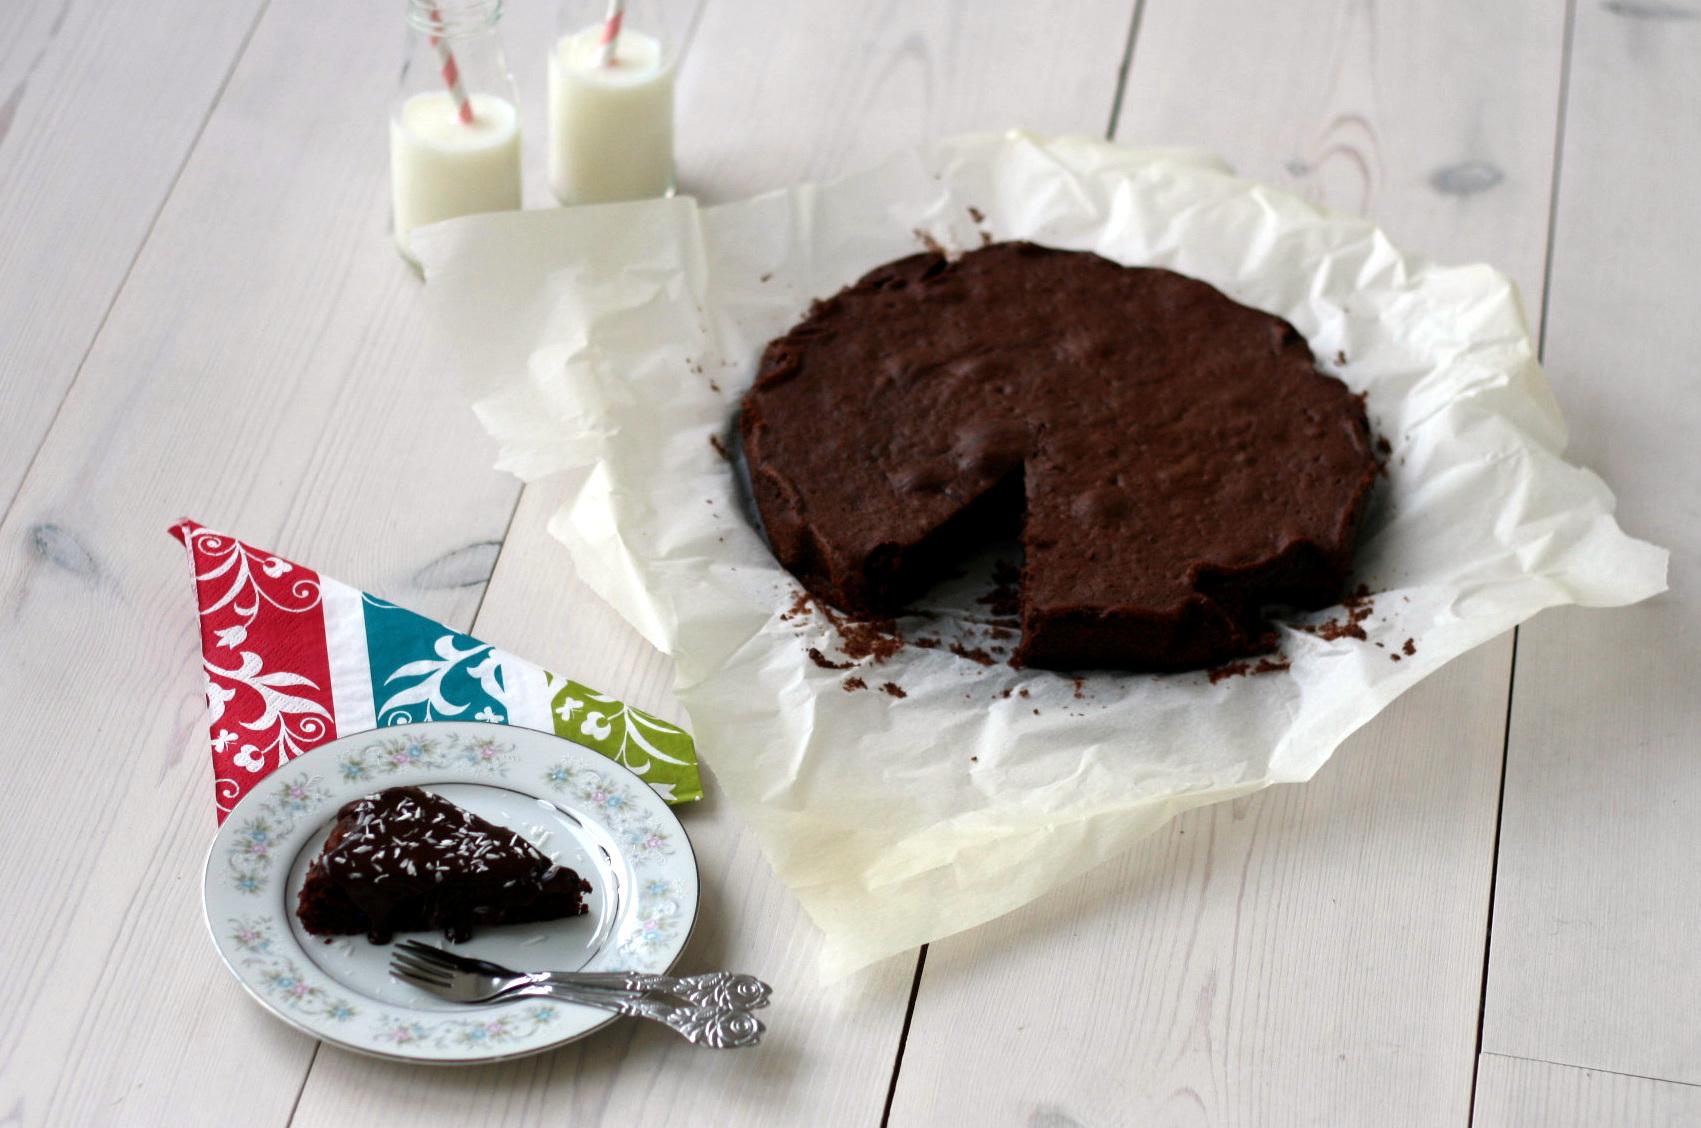 Opskrift på Chokoladekage - hjemmelavet chokoladekage